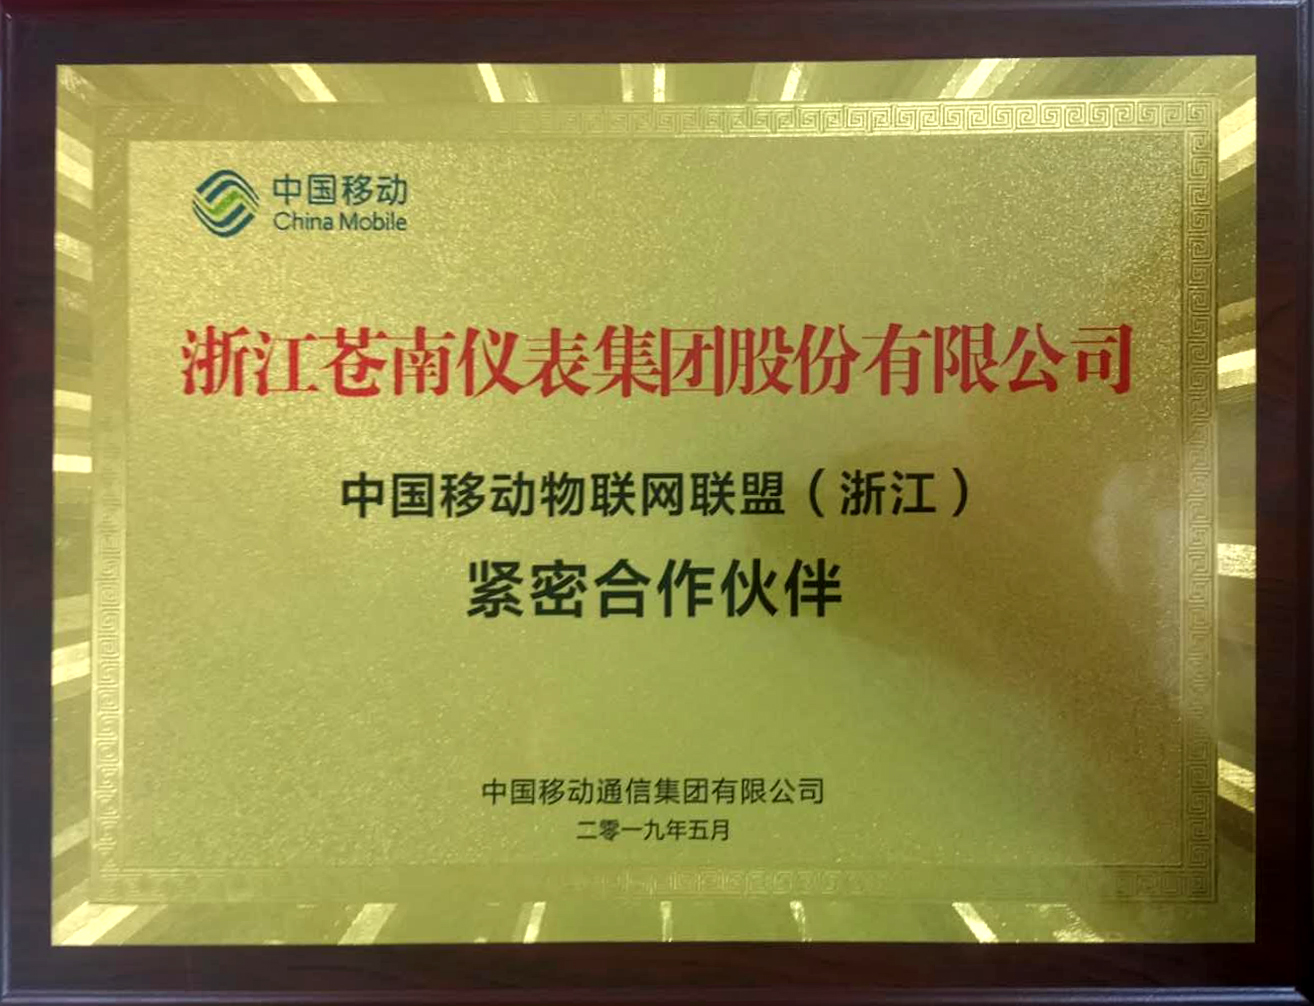 2019中国移动物联网凯时娱乐-浙江紧密合作伙伴